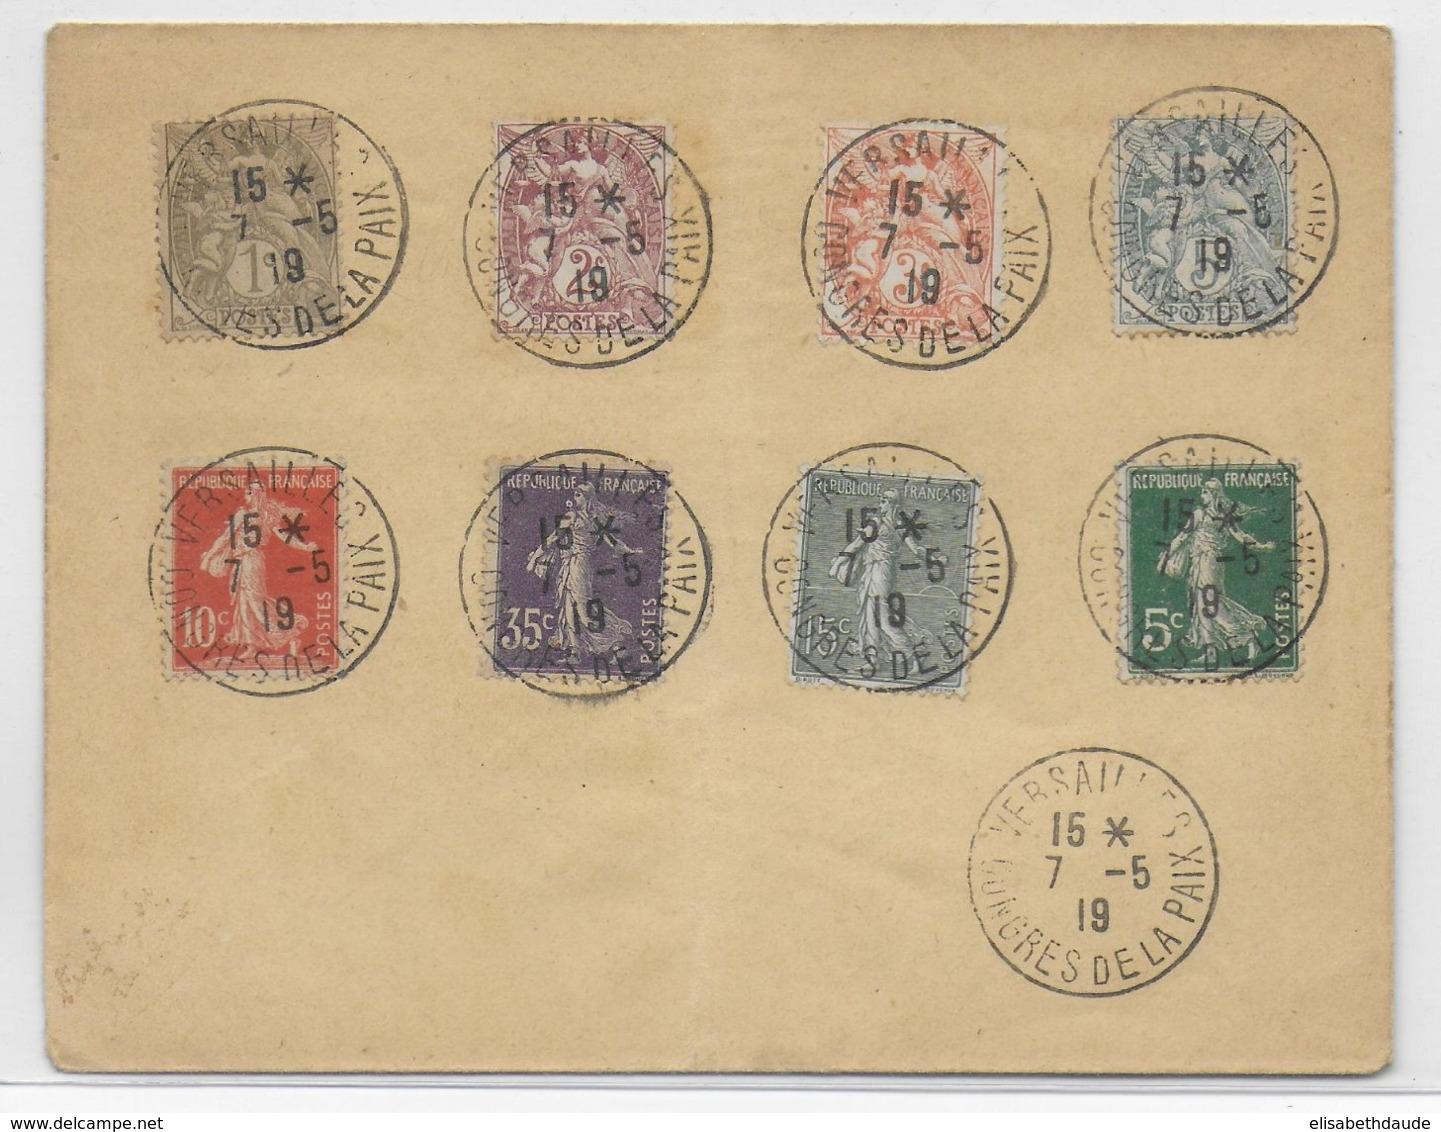 1919 - CONGRES DE LA PAIX à VERSAILLES - OBLITERATION TEMPORAIRE SUR ENVELOPPE - Postmark Collection (Covers)